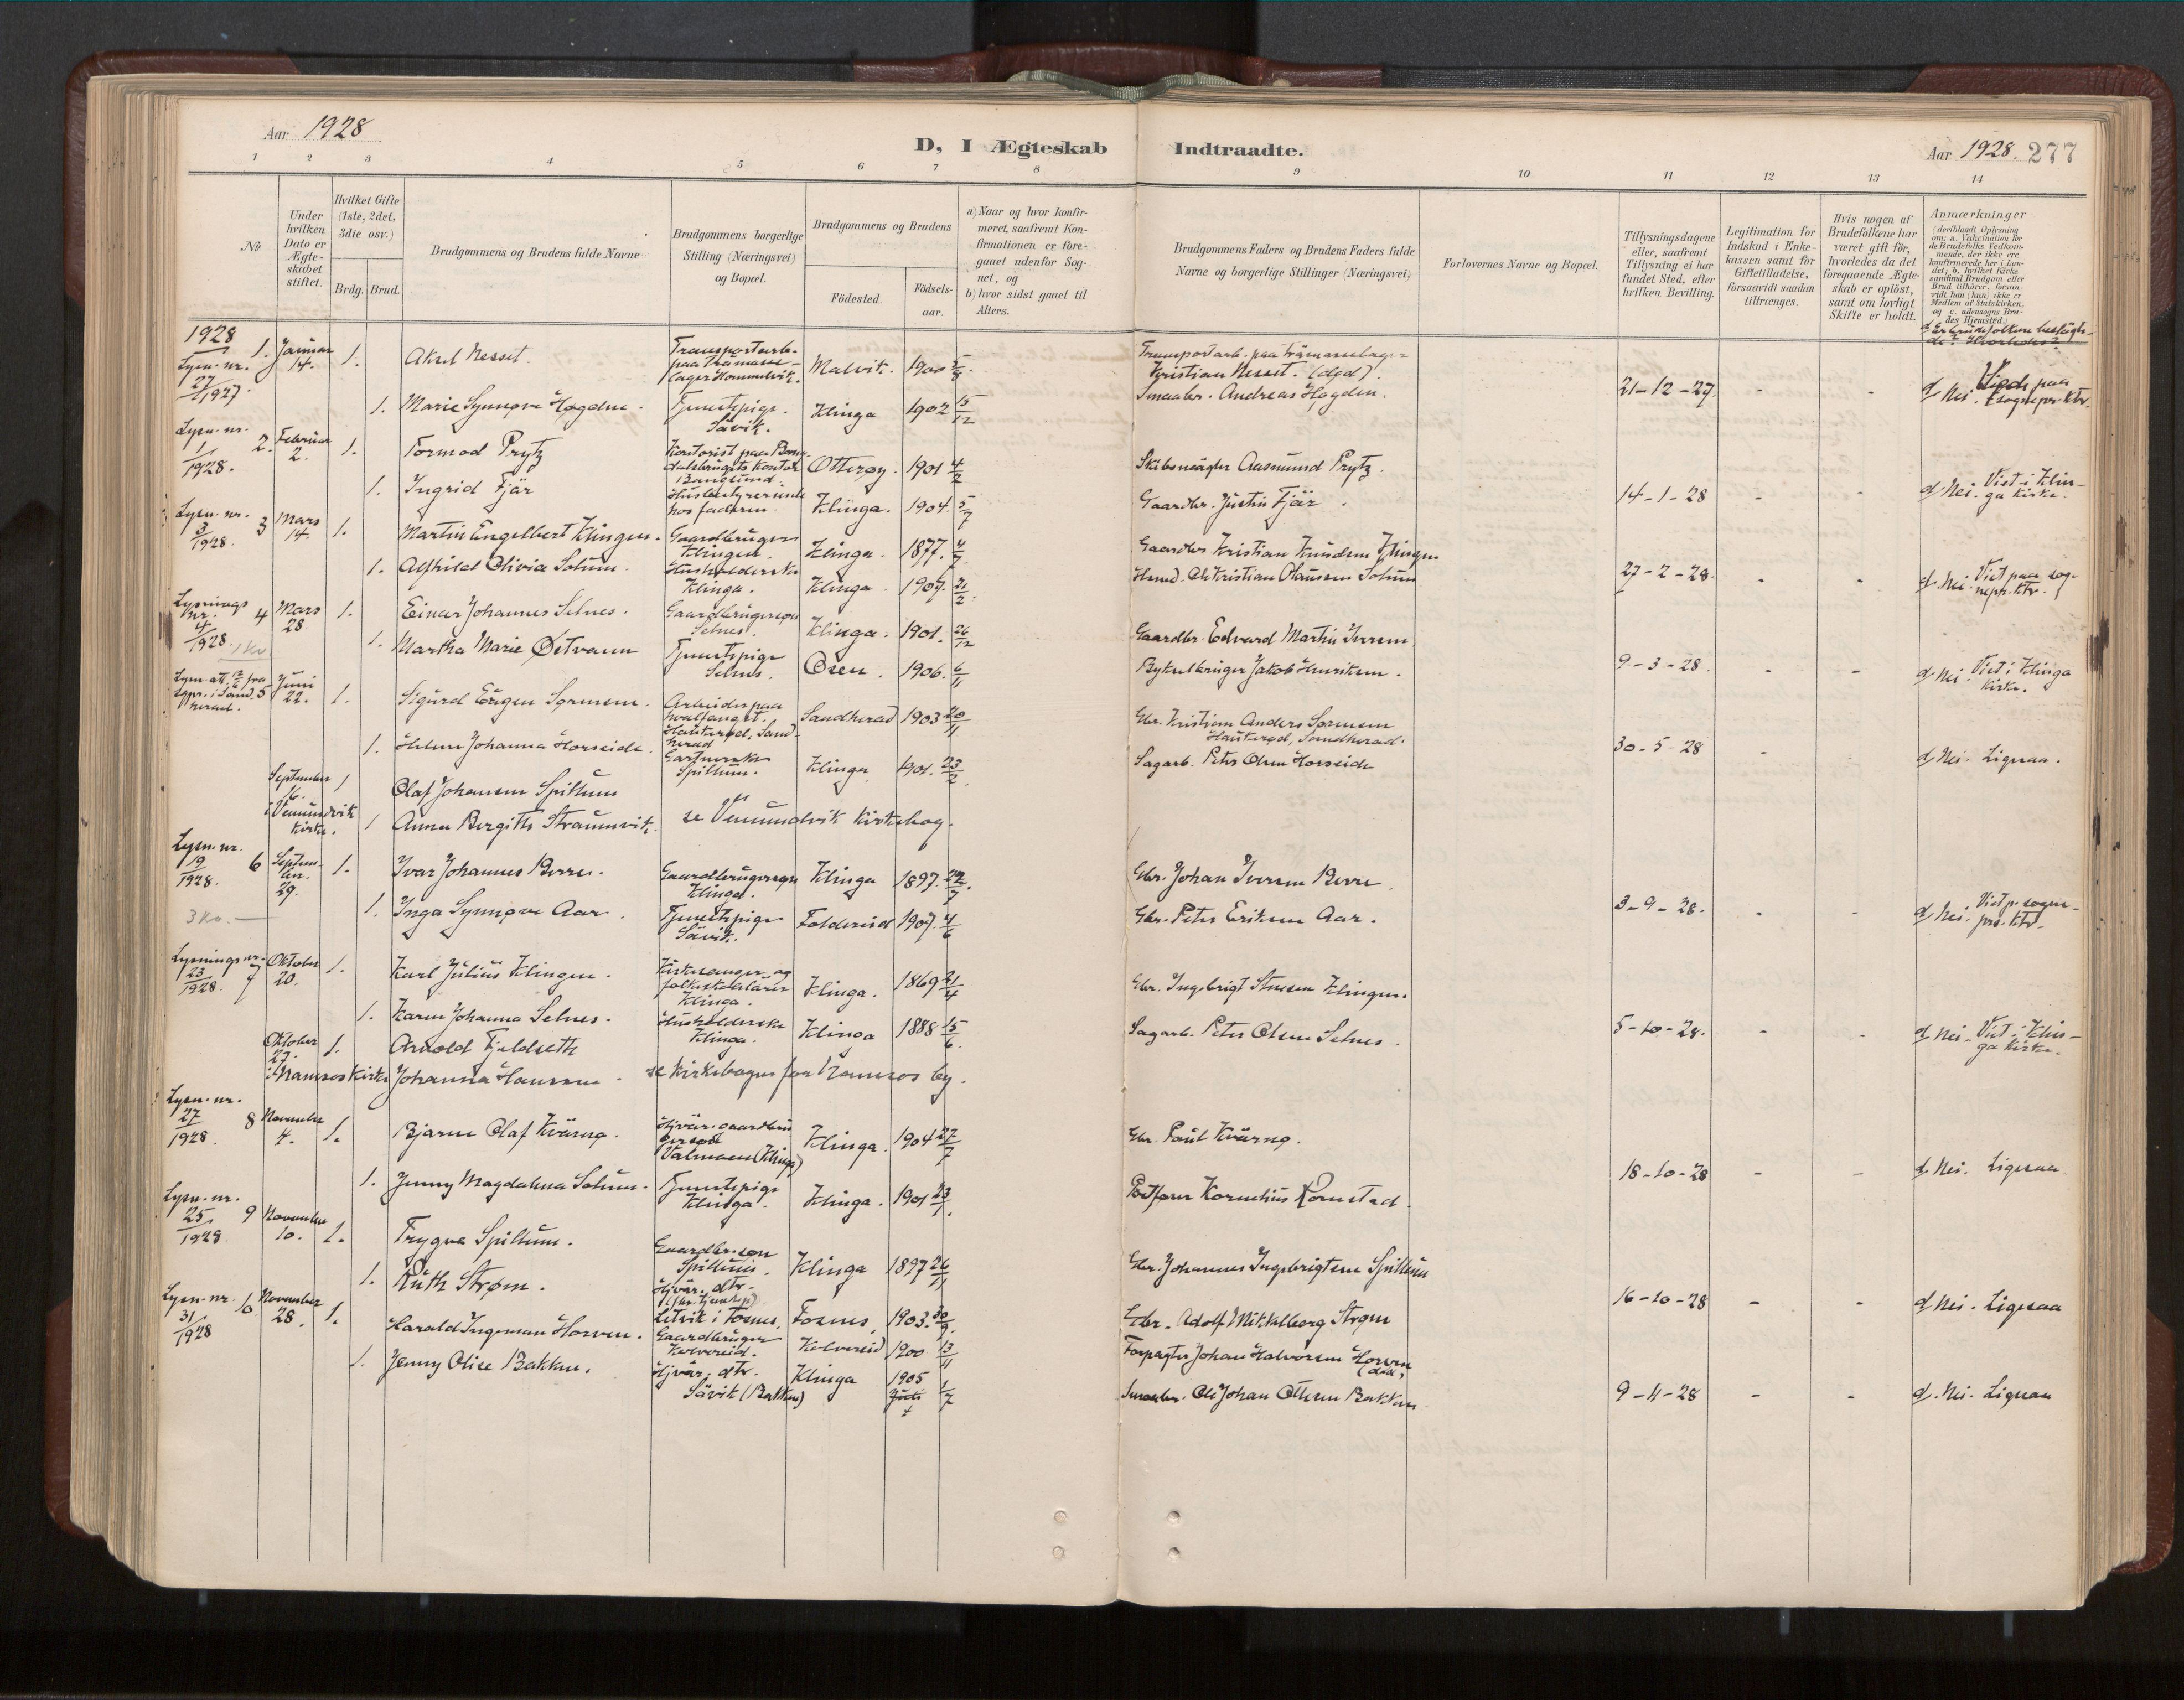 SAT, Ministerialprotokoller, klokkerbøker og fødselsregistre - Nord-Trøndelag, 770/L0589: Ministerialbok nr. 770A03, 1887-1929, s. 277